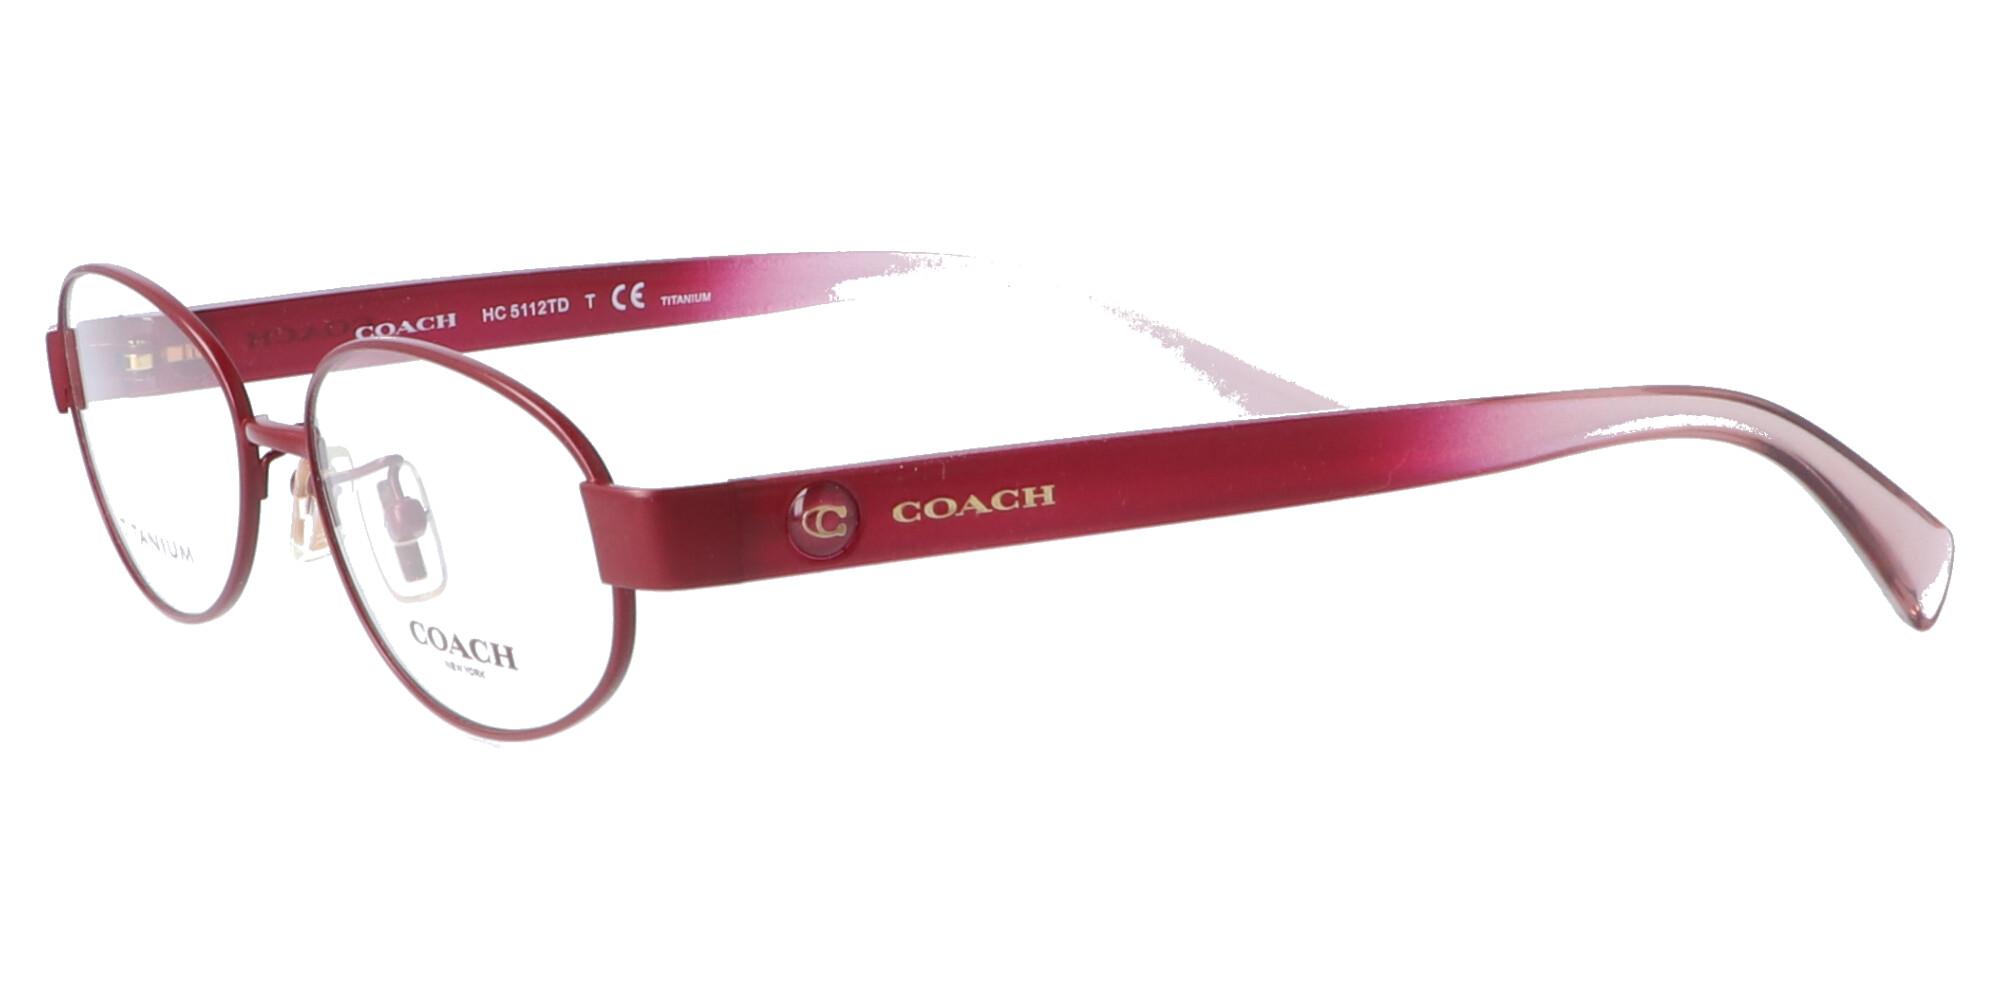 COACH HC5112TD_52_サテンバーガンディー/トランスペアレント ライトピンク